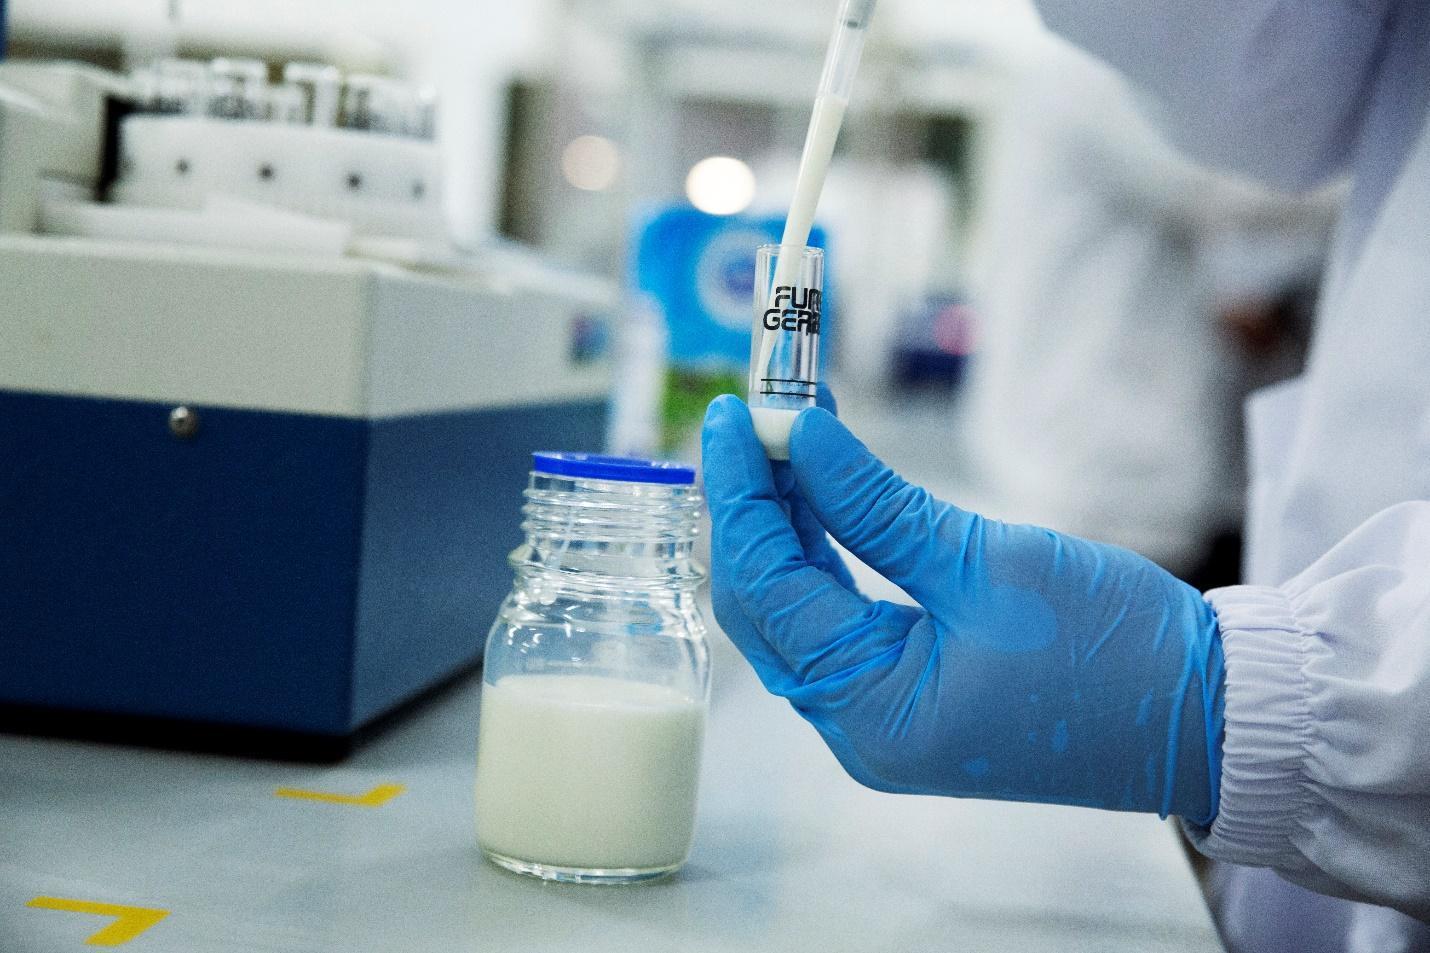 Dinh dưỡng mùa tựu trường: Hóa ra hộp sữa tươi giảm đường, giảm béo được đầu tư kỳ công đến thế! - Ảnh 4.